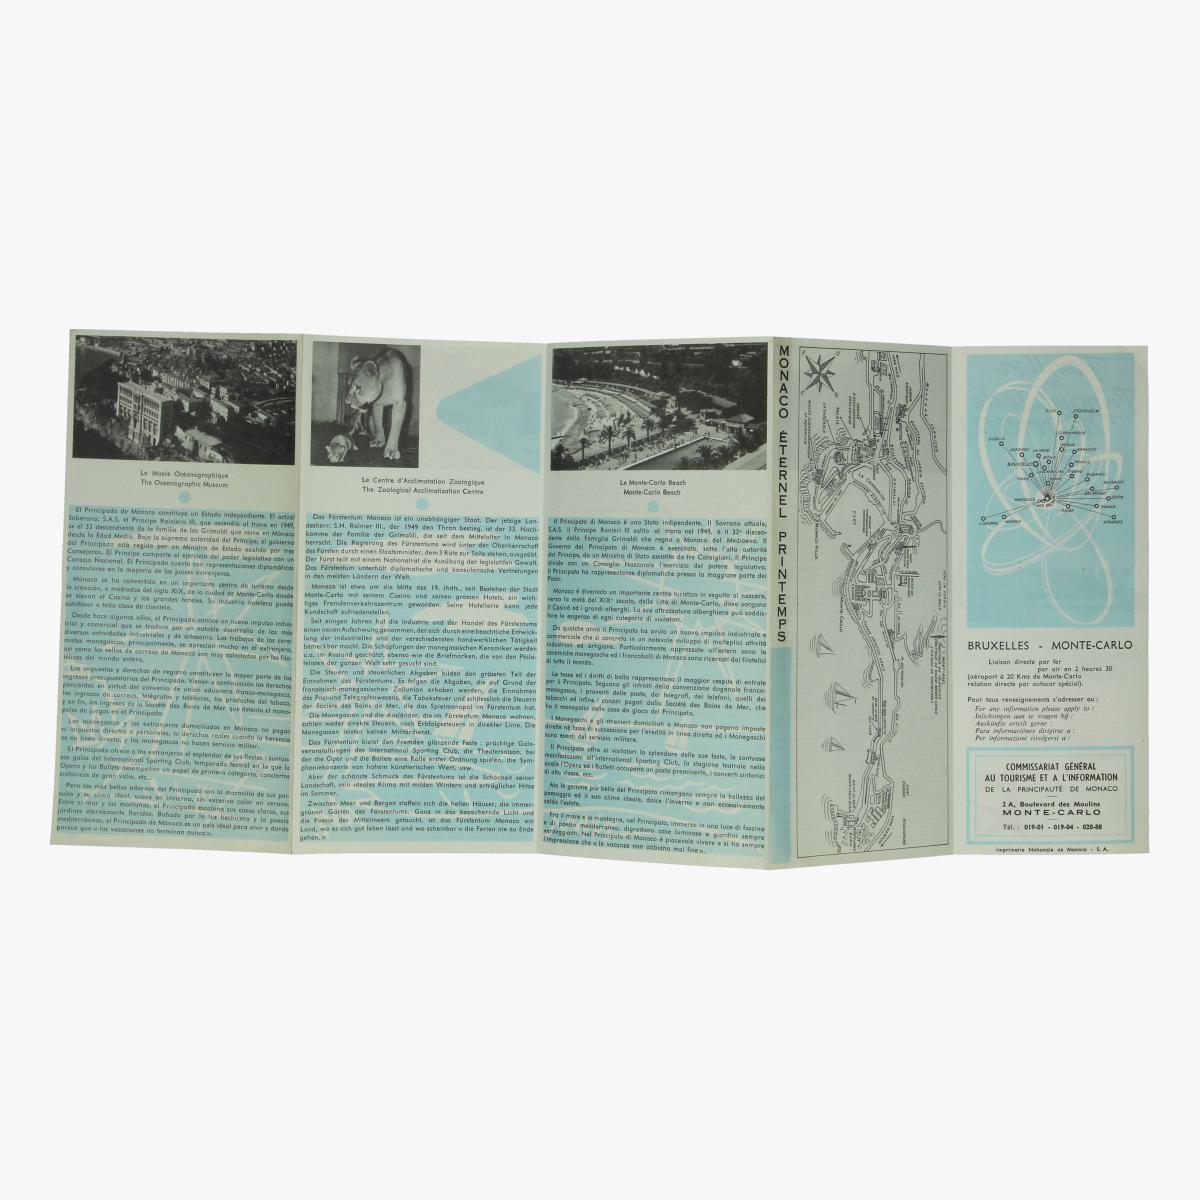 Afbeeldingen van expo 58 pavillon monaco éternel printemps 1958